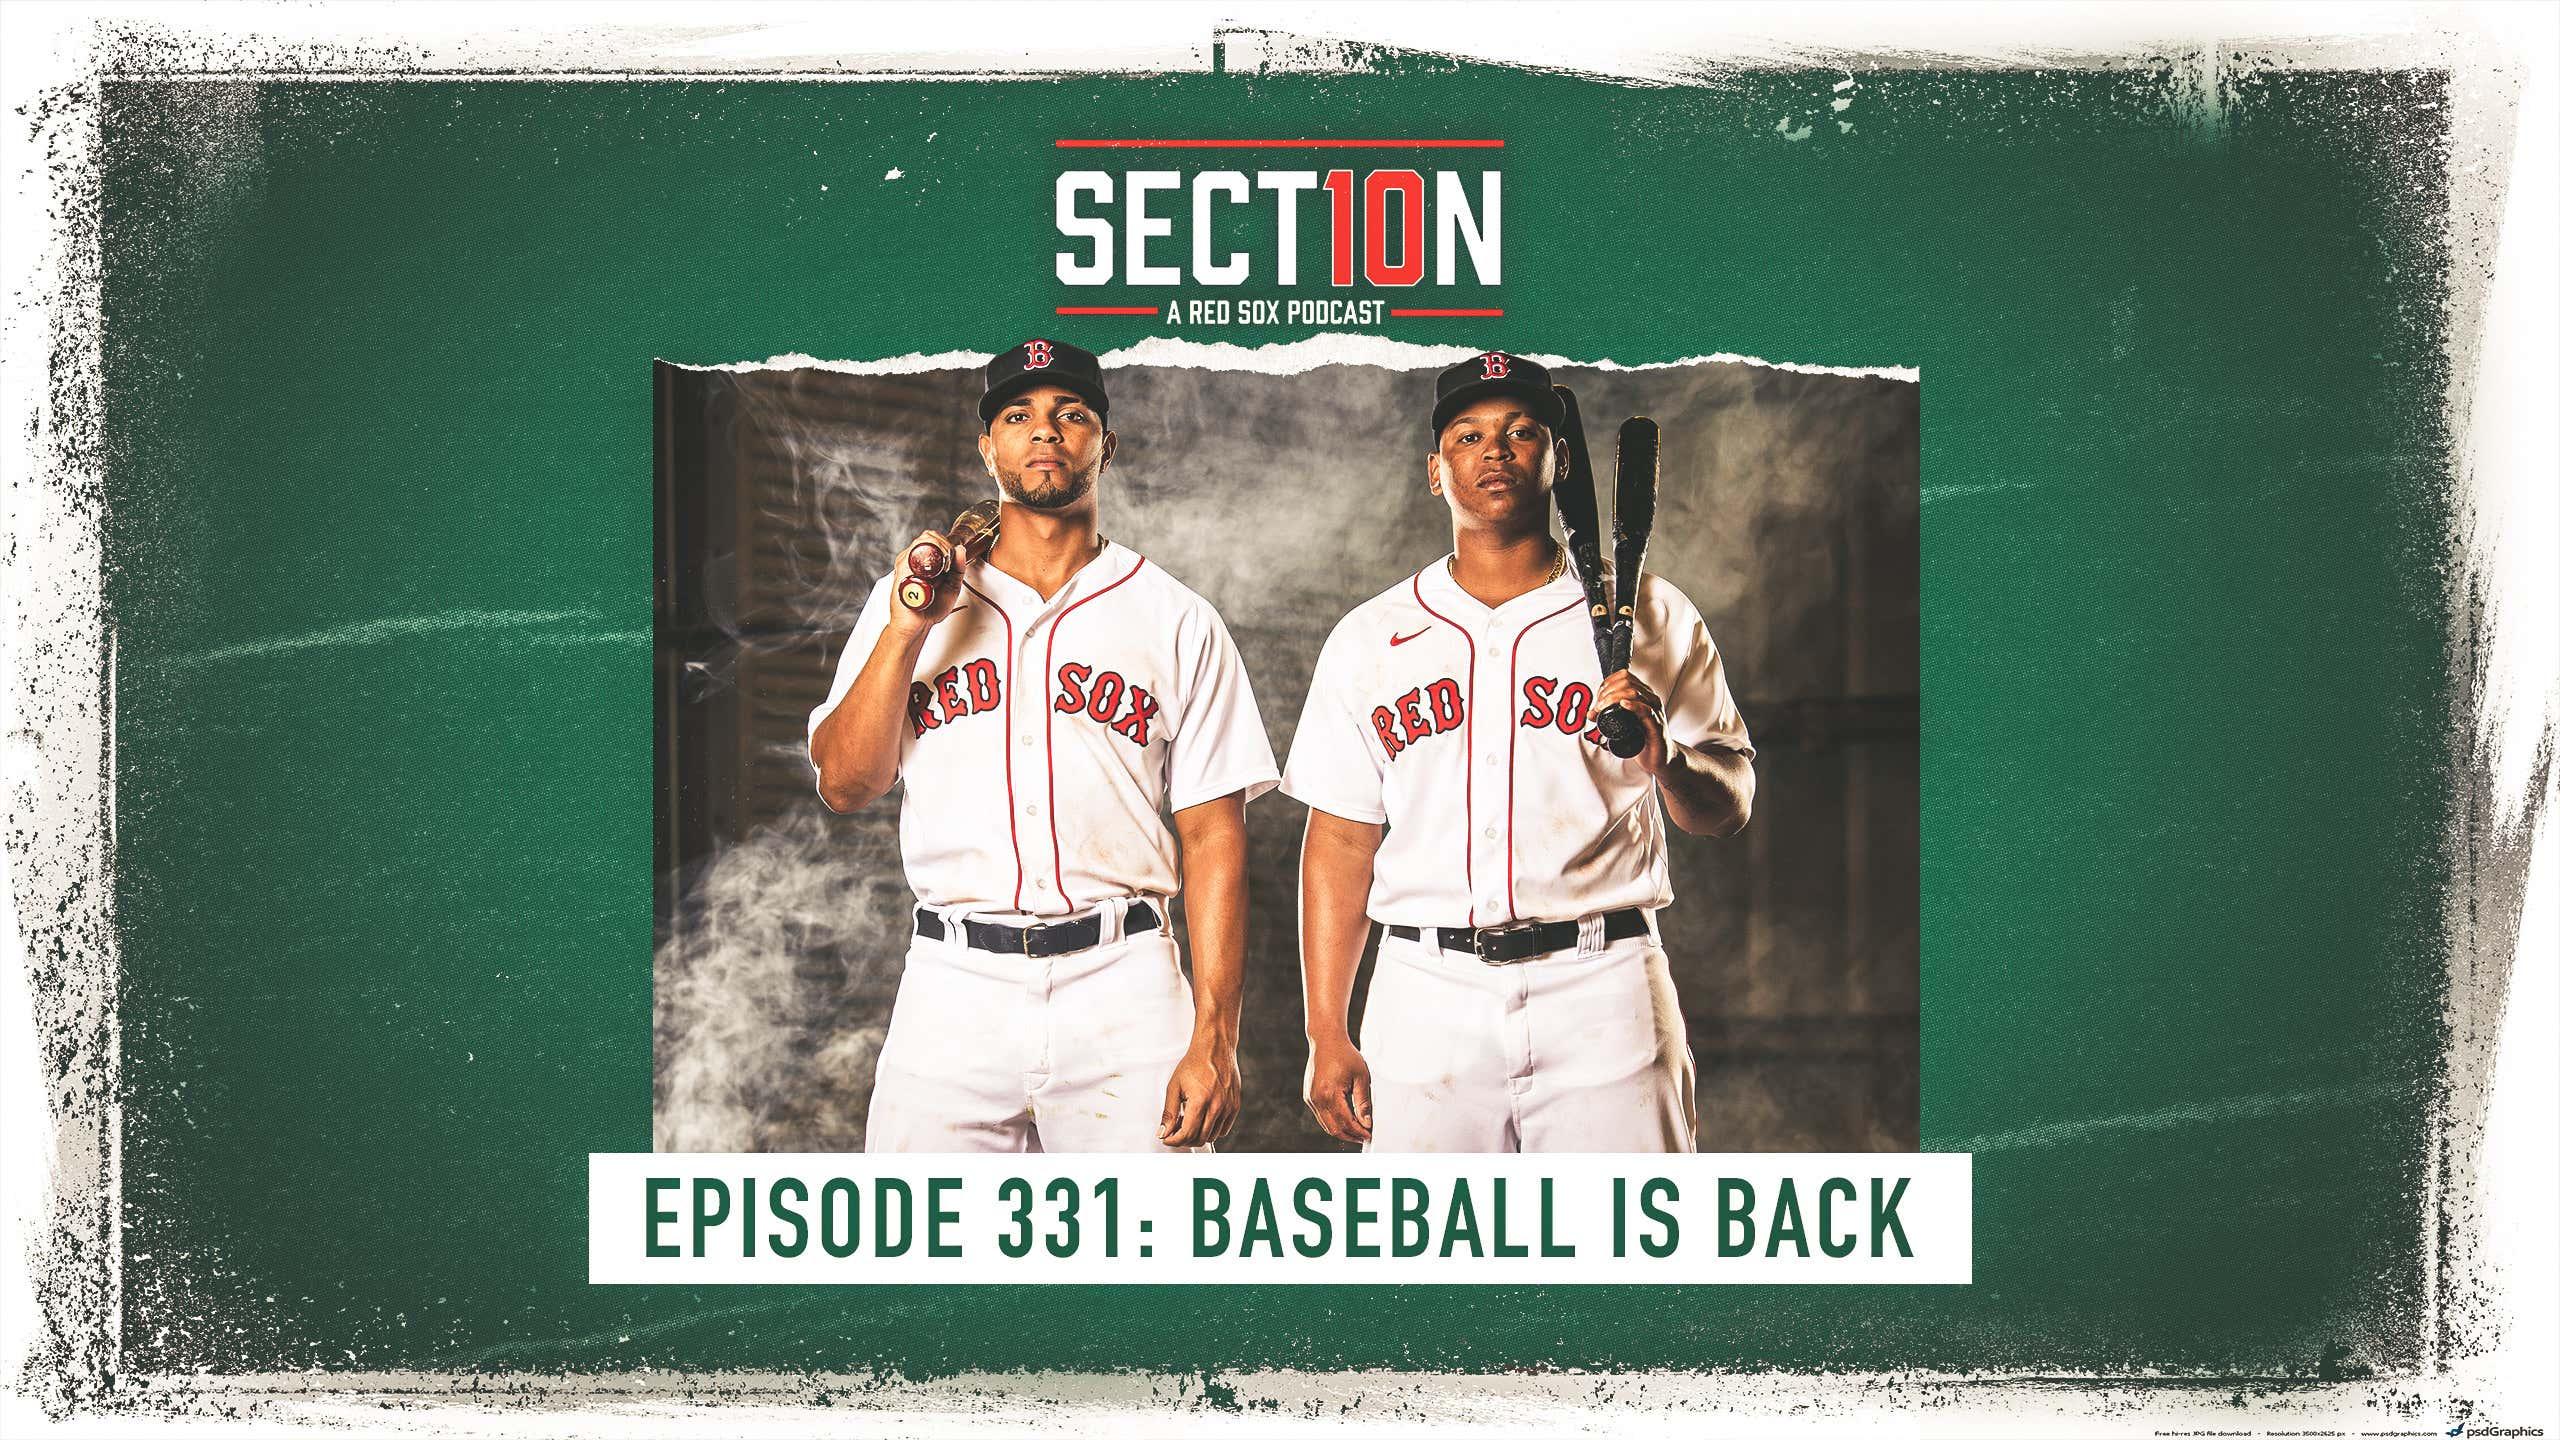 331 baseball back.jpeg